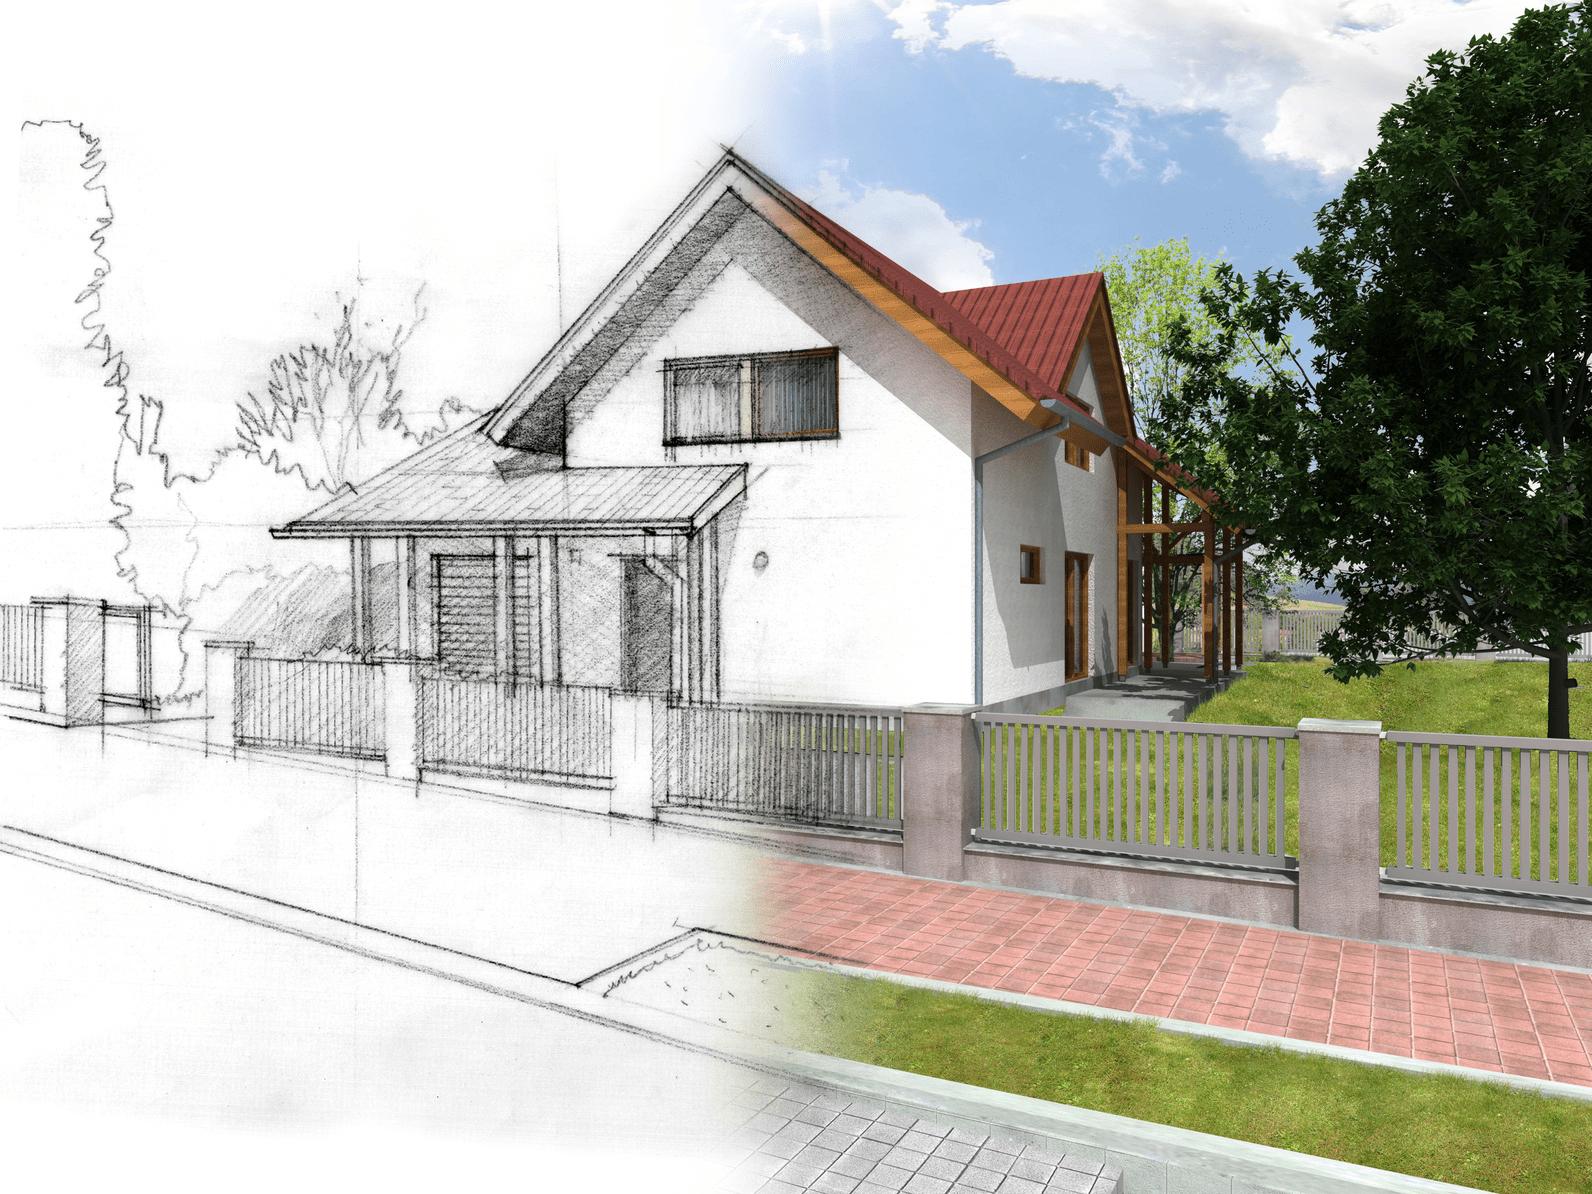 Ci sono agevolazioni per le nuove costruzioni cose di casa - Agevolazioni per ristrutturazione casa ...